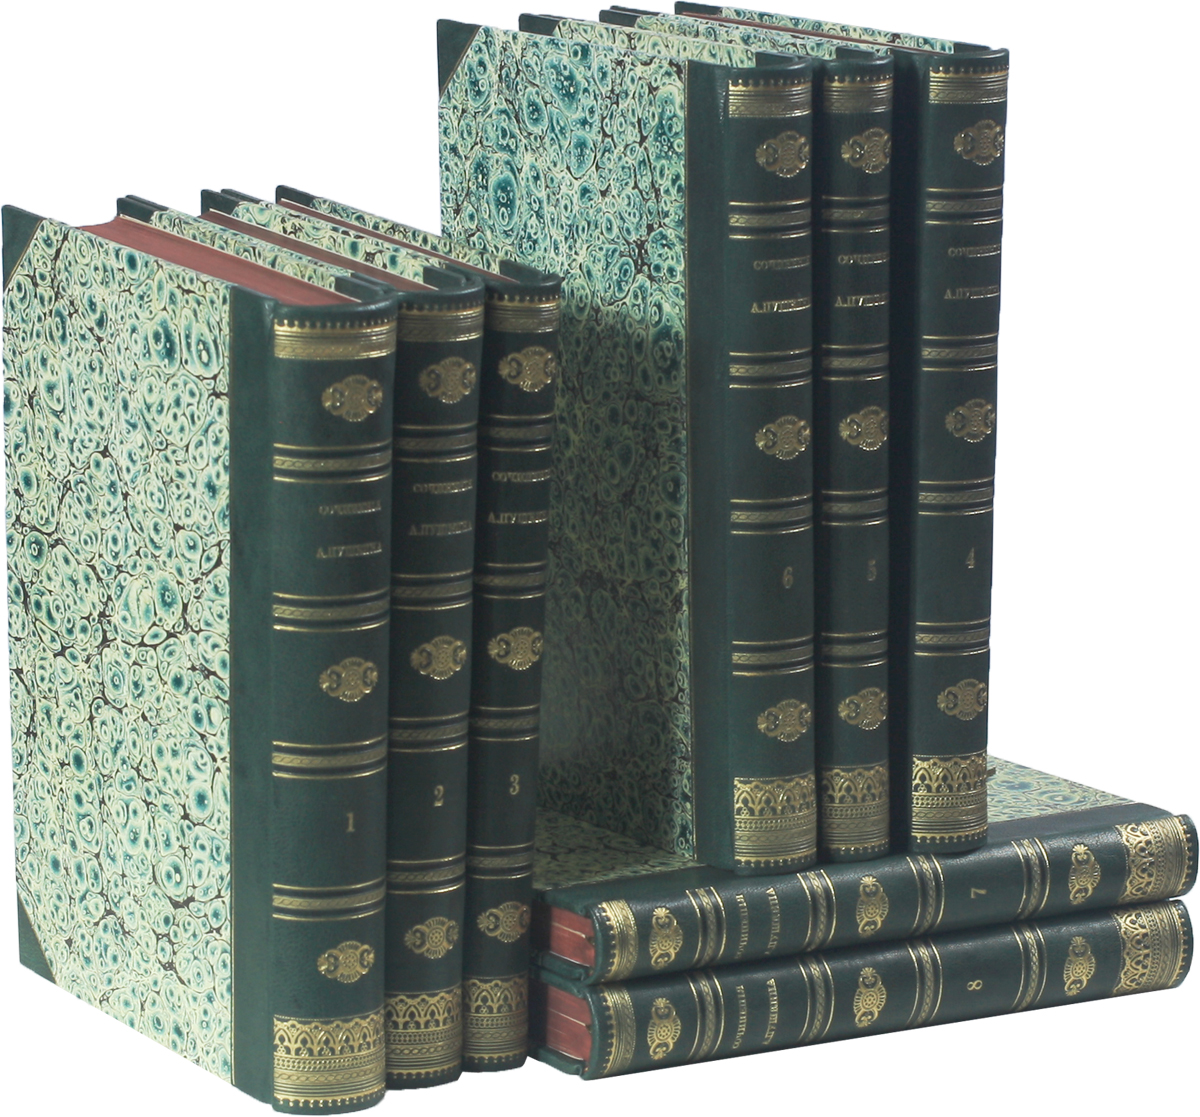 Сочинения Александра Пушкина в 8 томах (комплект из 8 книг) владимир мединский мифы о россии